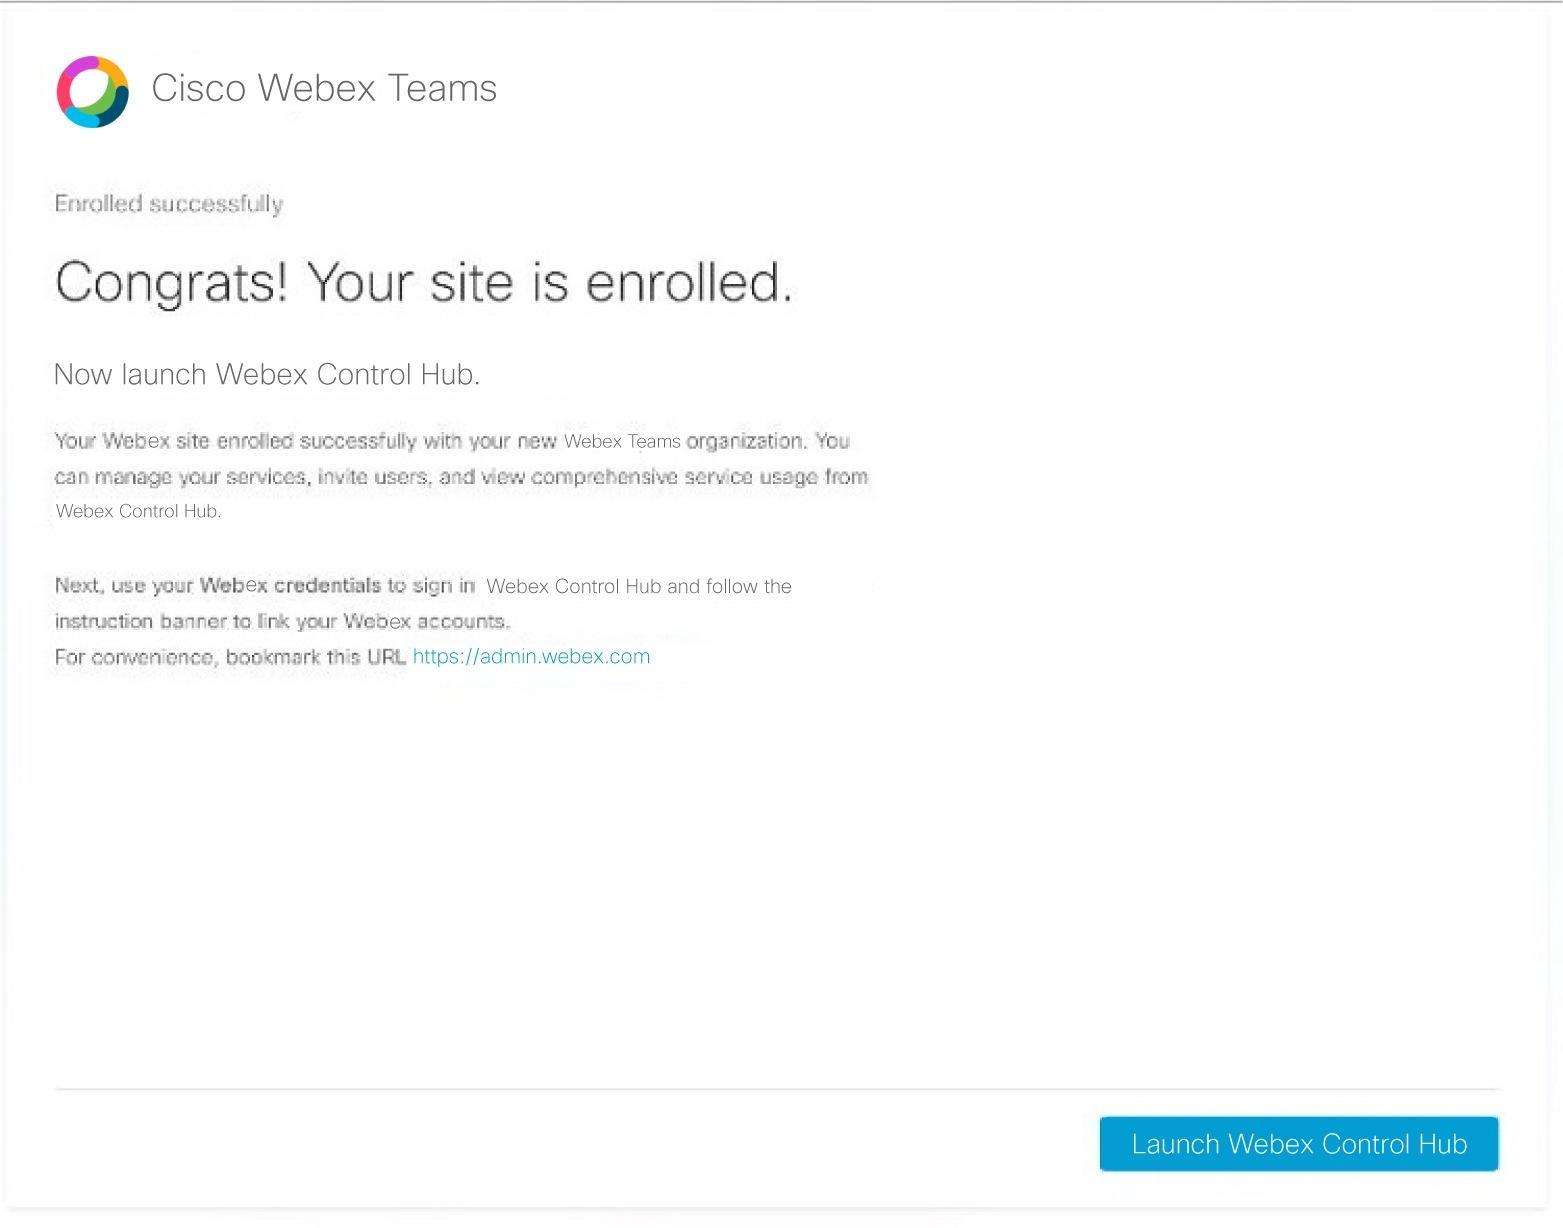 Link Cisco Webex Sites to Control Hub